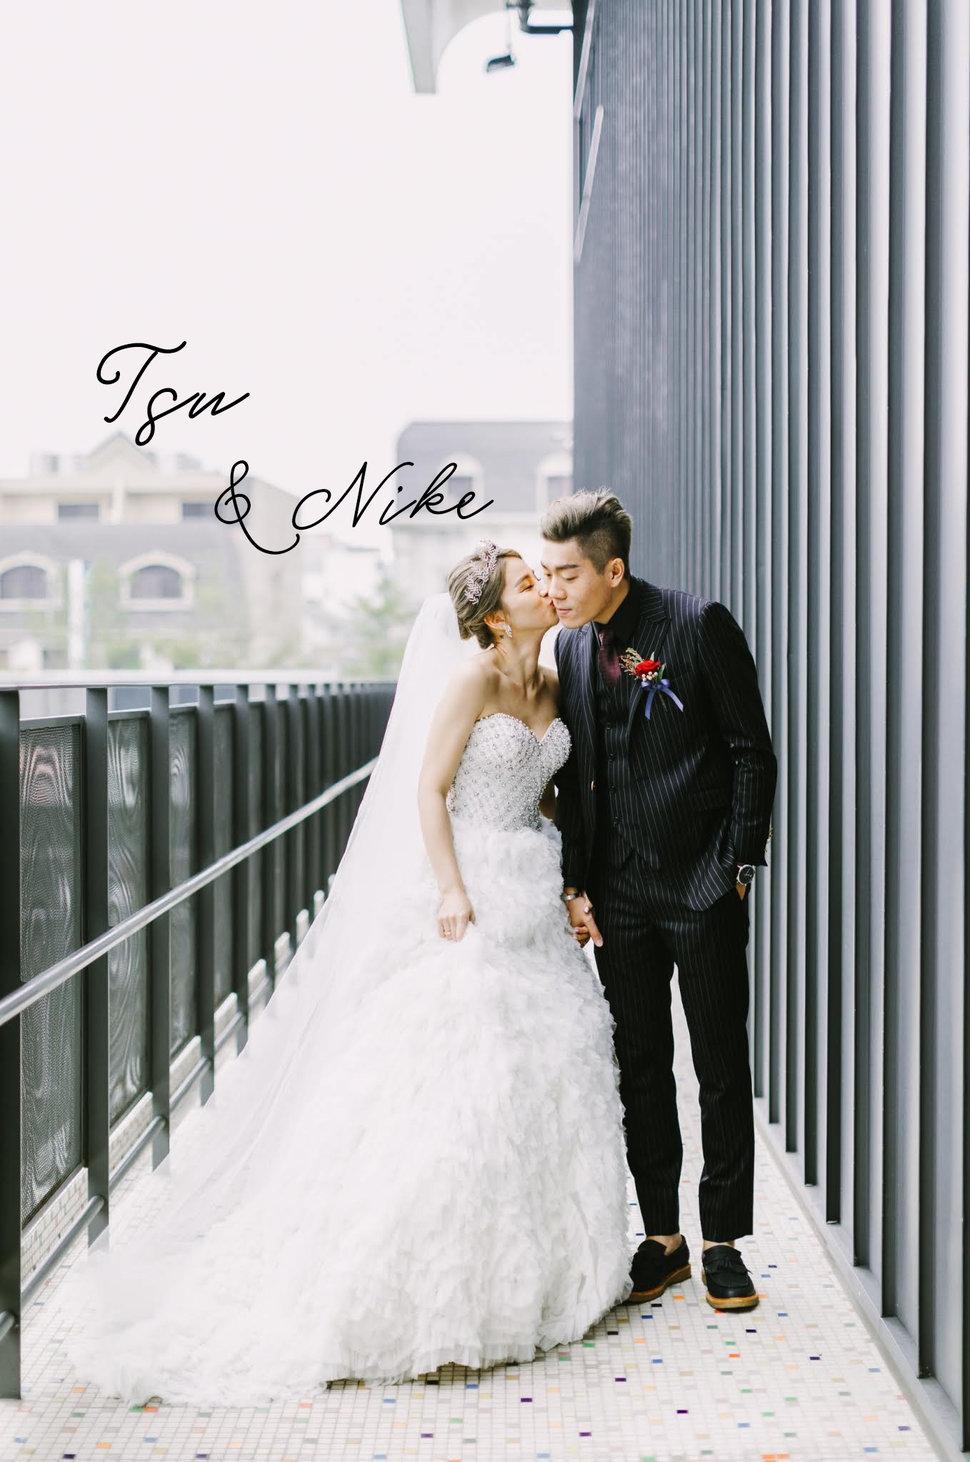 八德彭園婚禮 -美式婚禮-美式婚禮紀錄- Amazing Grace 攝影美學 -台中婚禮紀錄 - Amazing Grace Studio6 - Amazing Grace Studio《結婚吧》